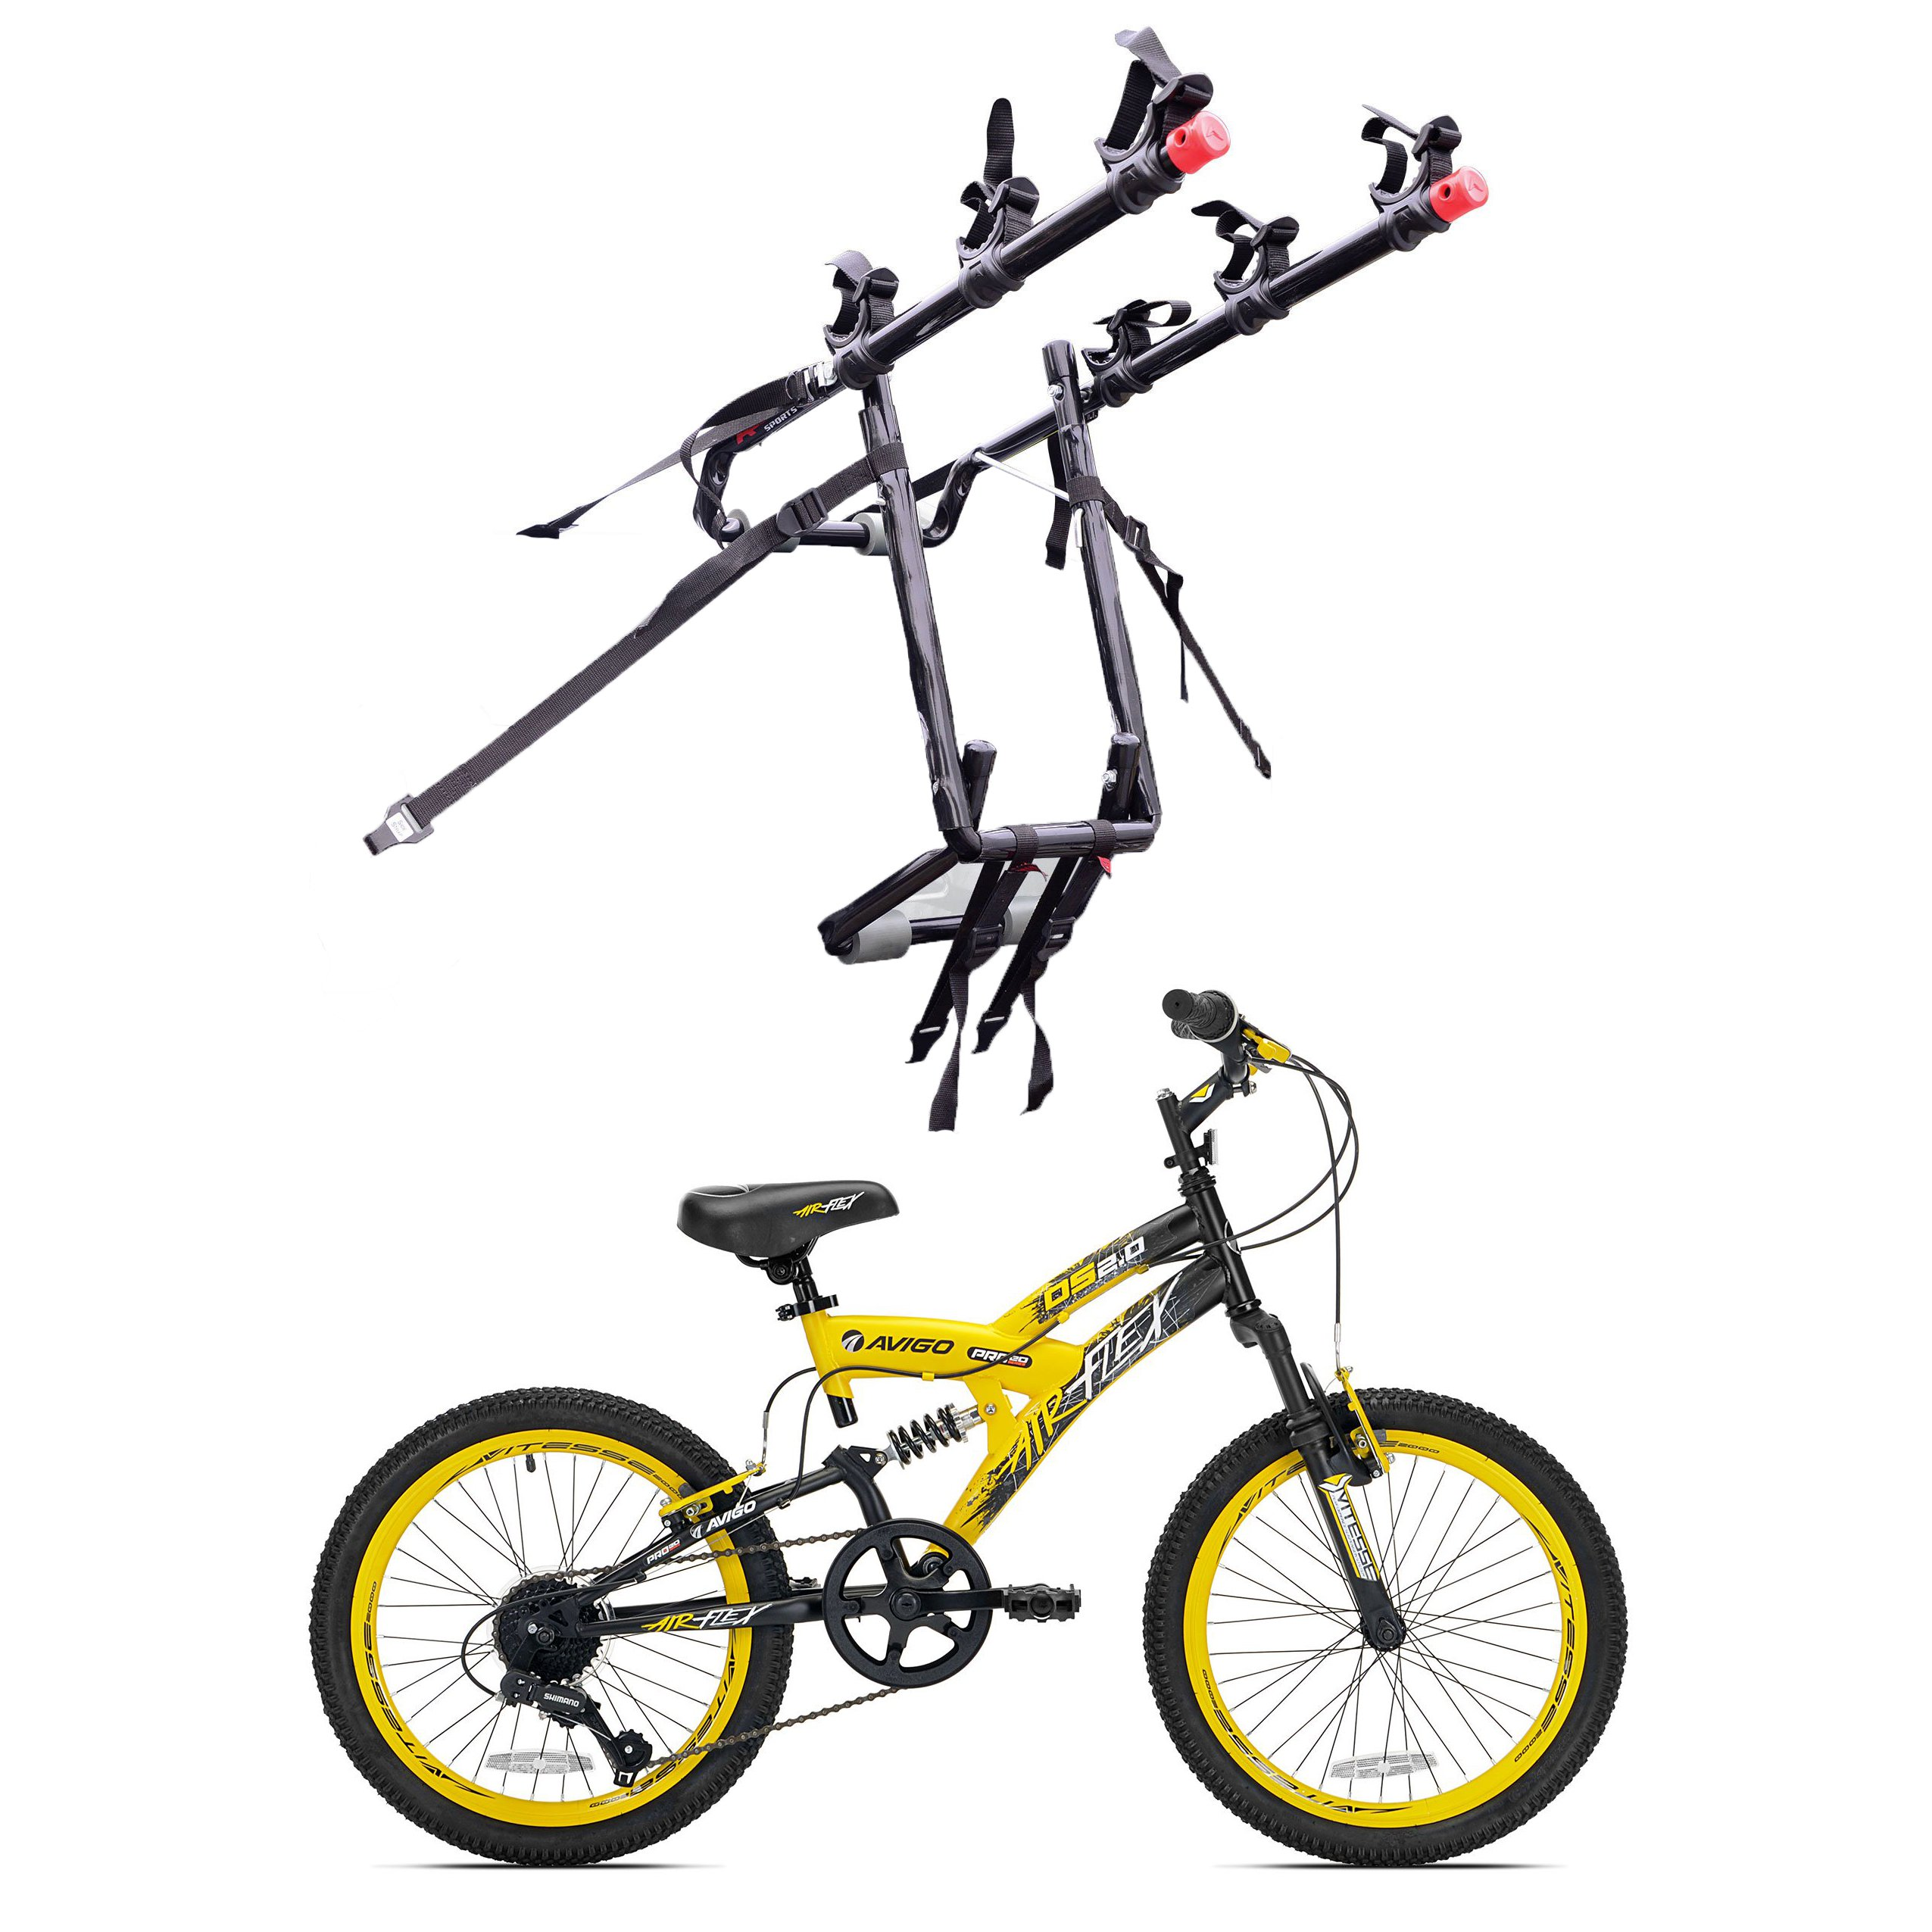 Kent Bikes Avigo Air Flex Steel 20 Inch Boys BMX Bike & 3 Bike Car Trunk Rack by Kent Bikes